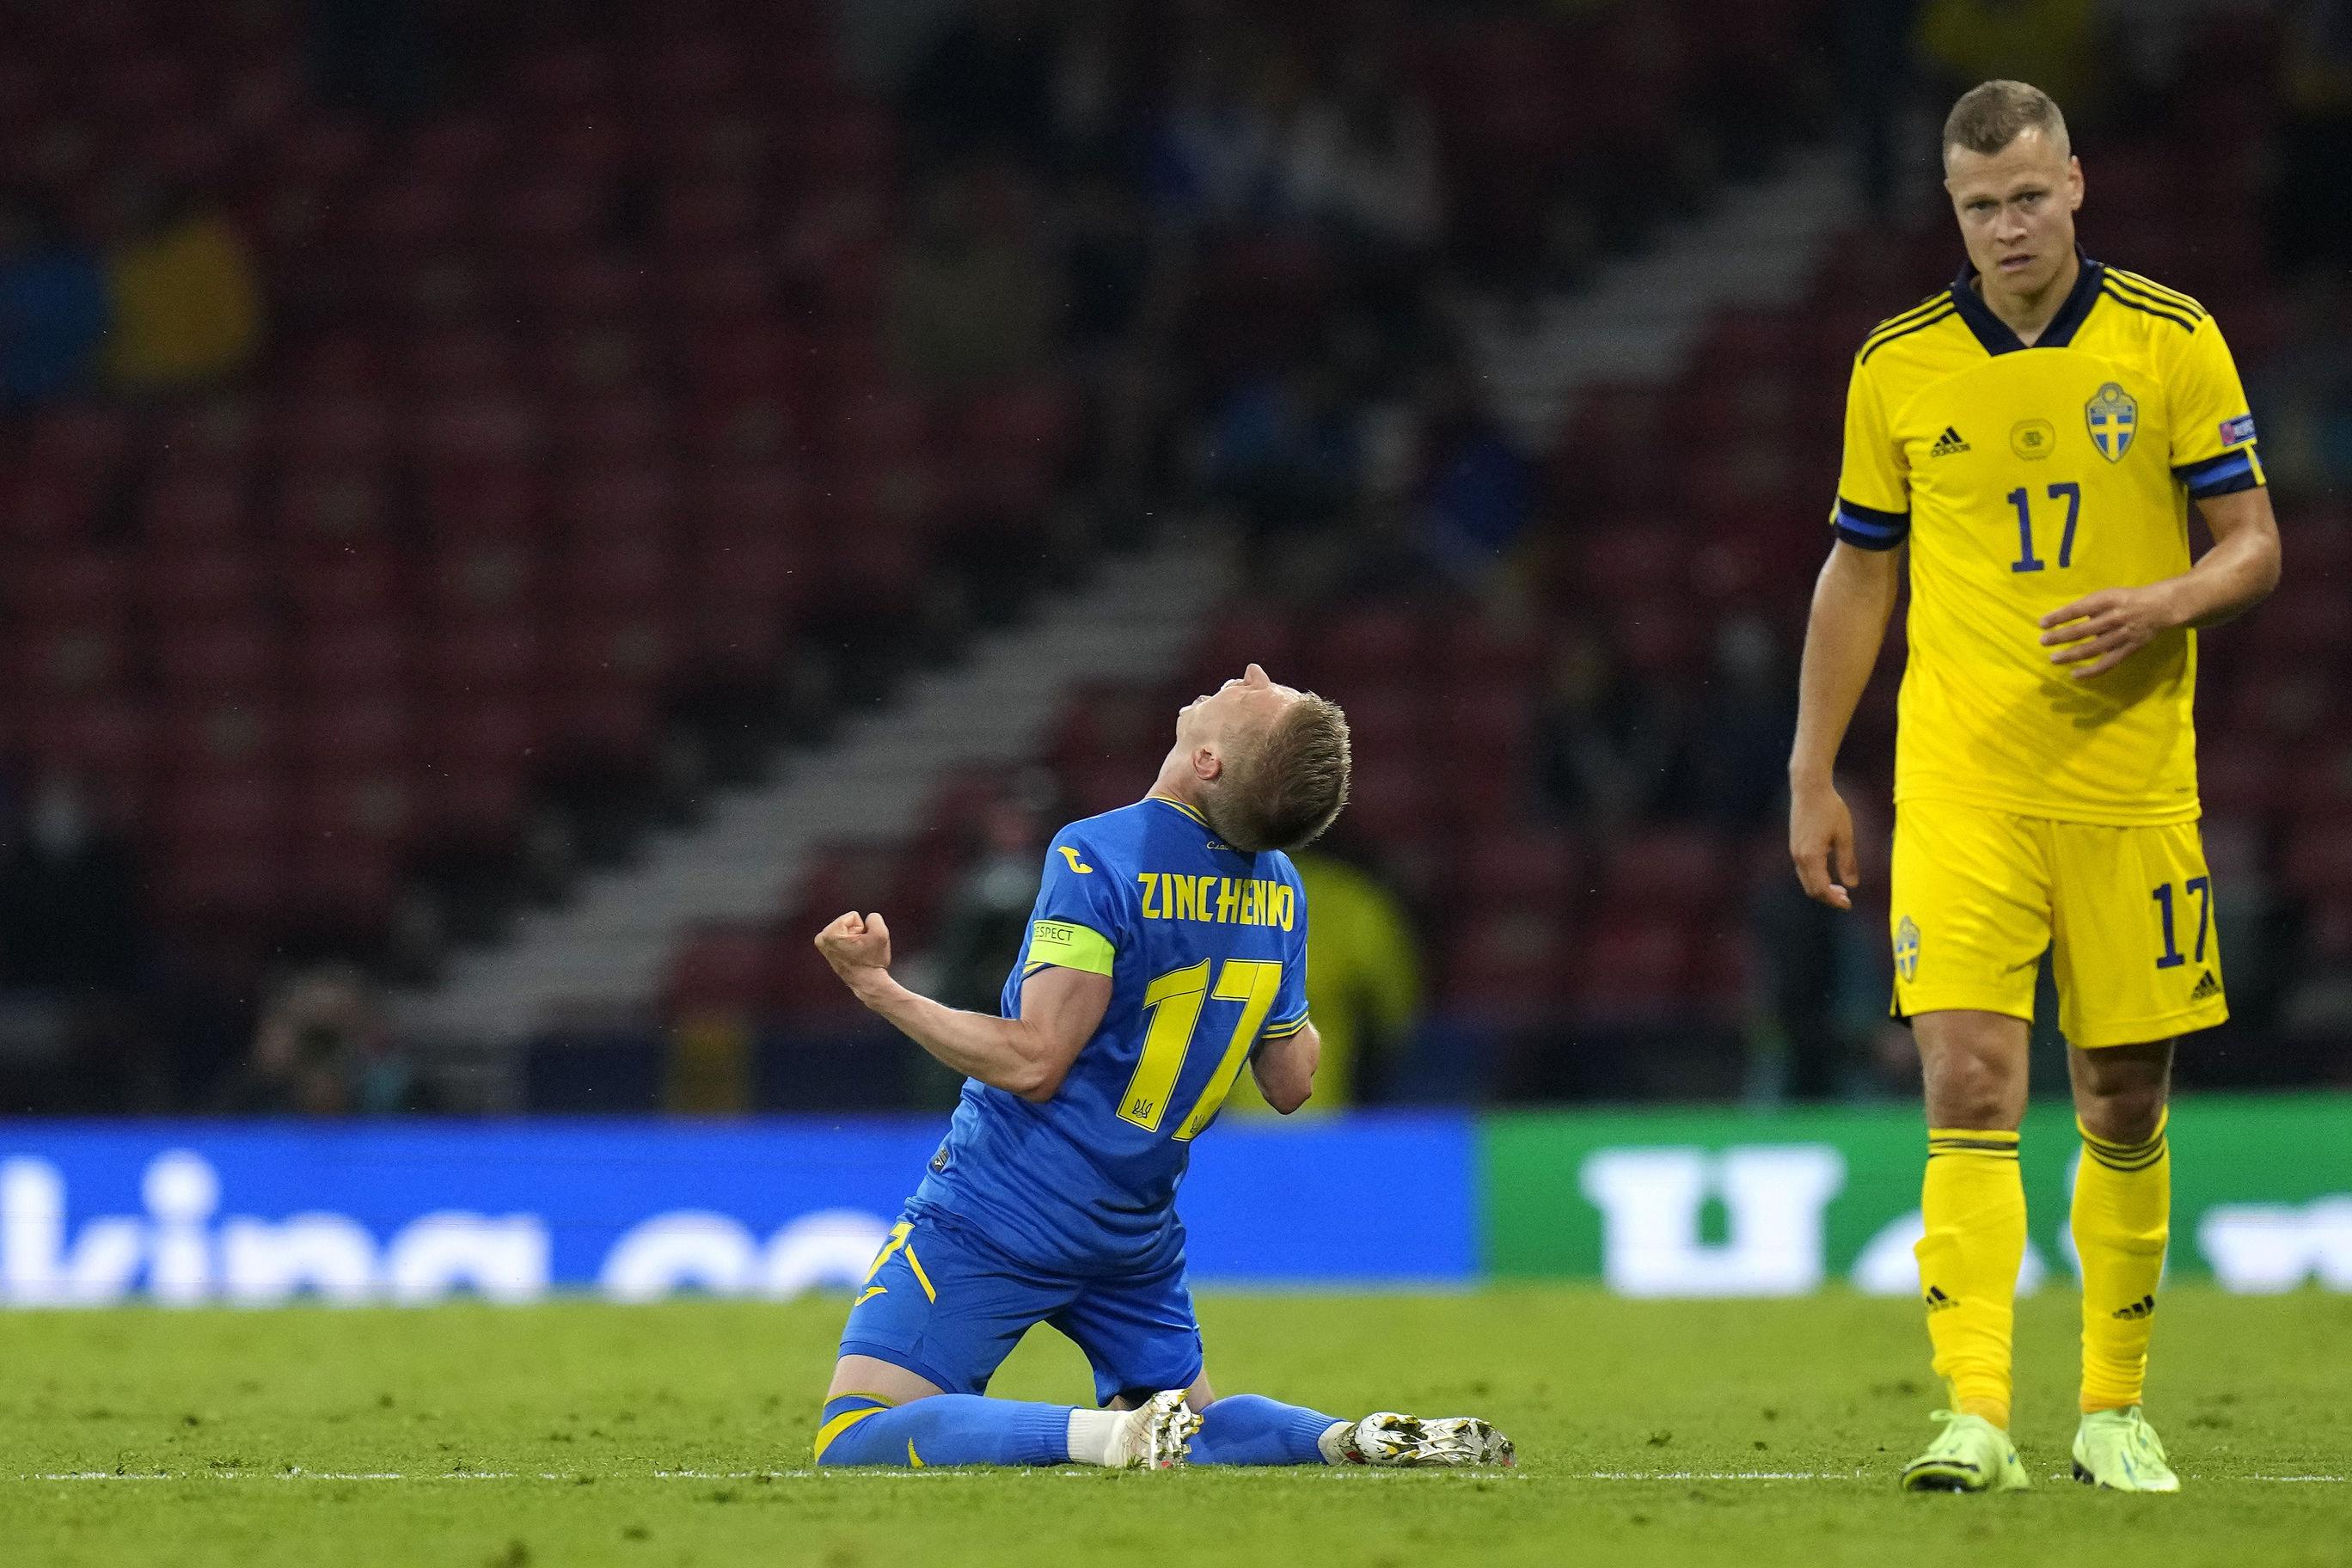 Евро-2020. Швеция - Украина 1:2 (д.в.). Кость в кость со скандинавским треском - изображение 2